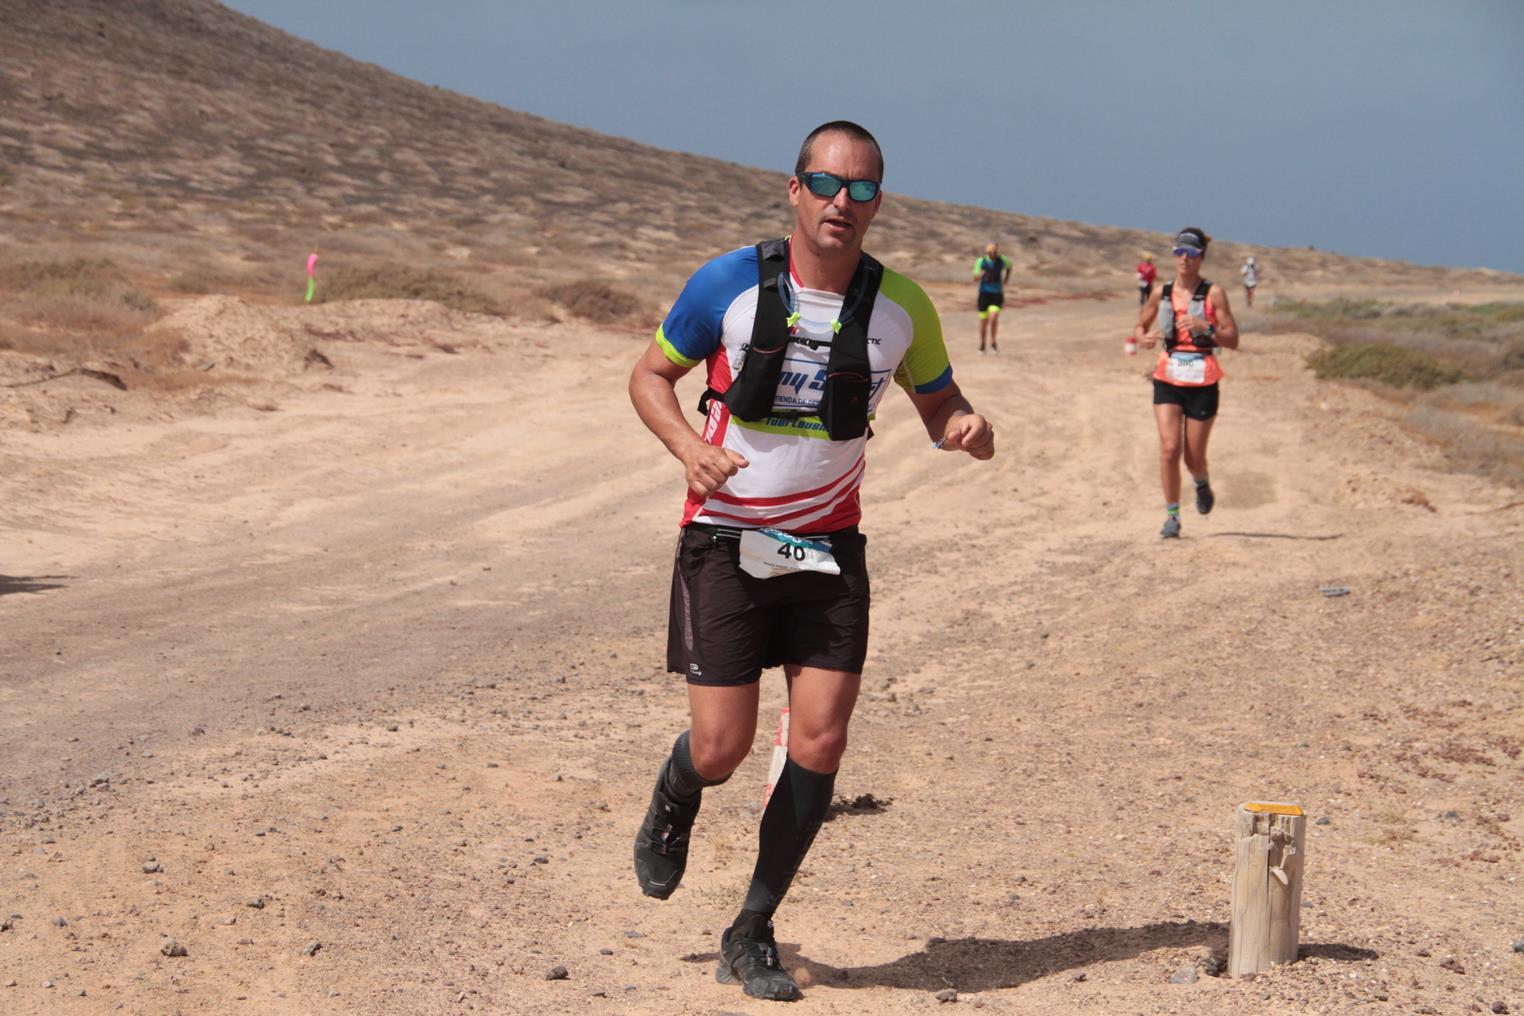 Desafio-Trail-529